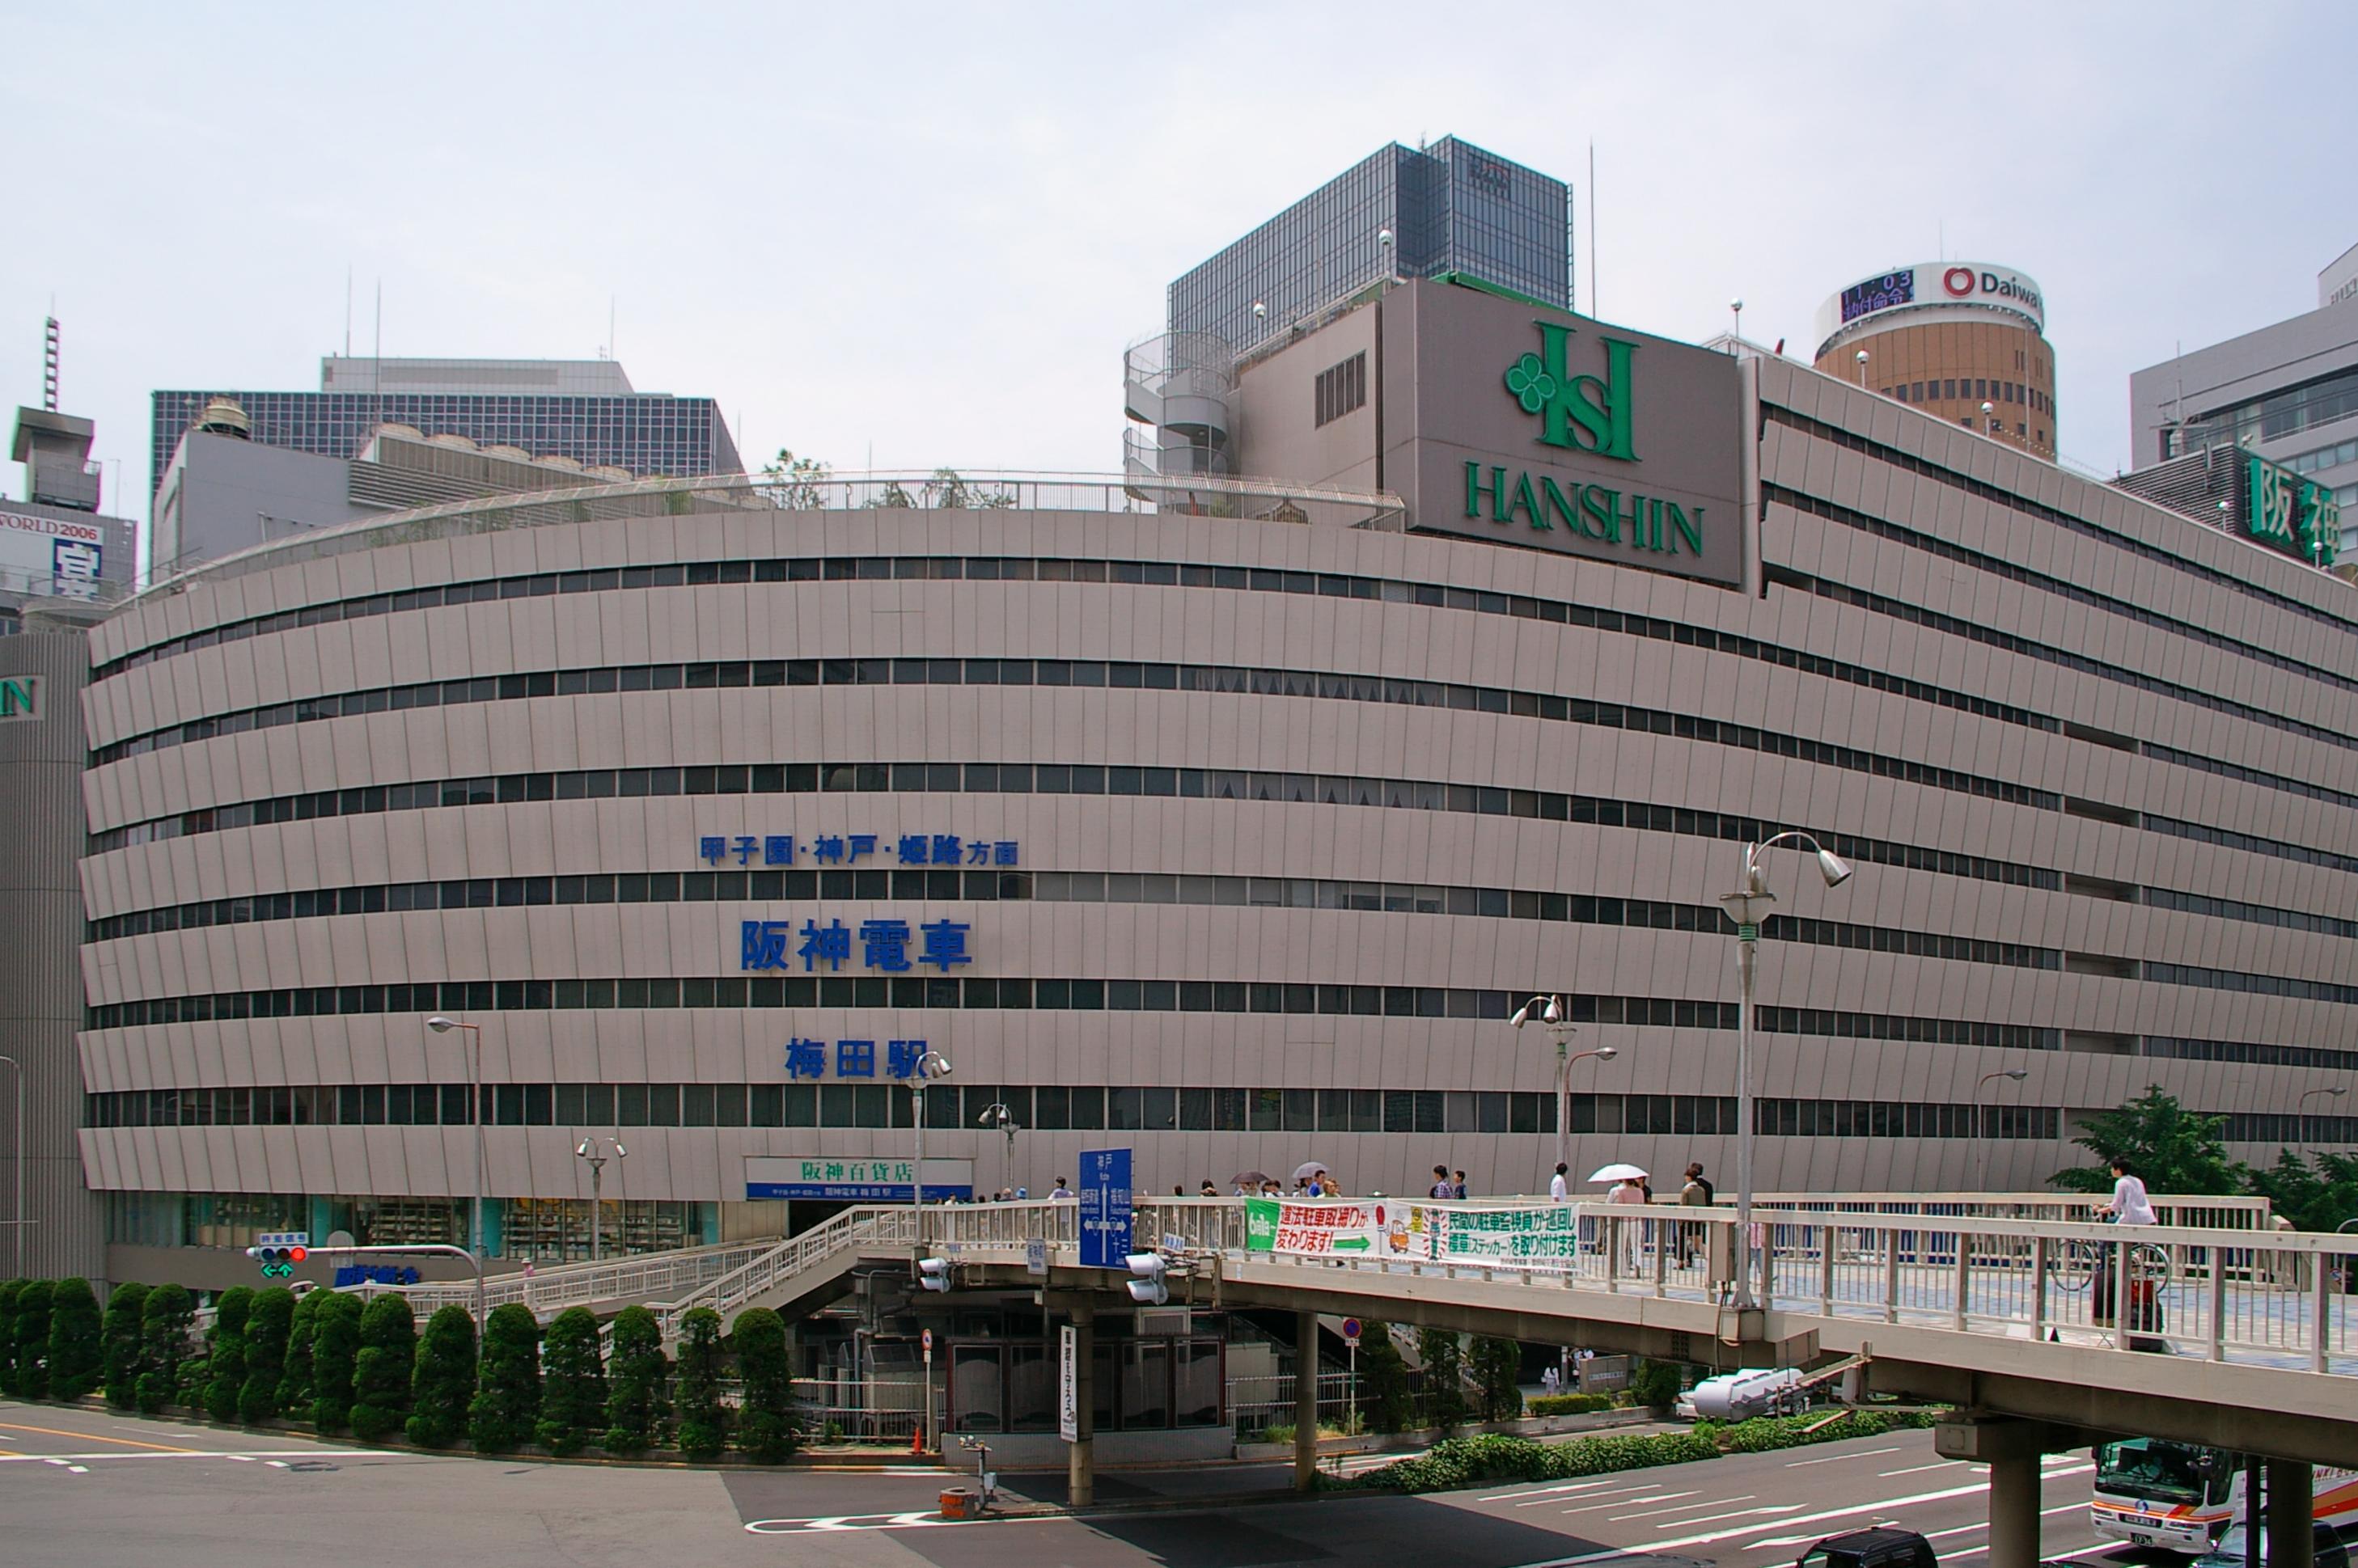 e0f4c85e6 Hanshin Department Store - Wikipedia